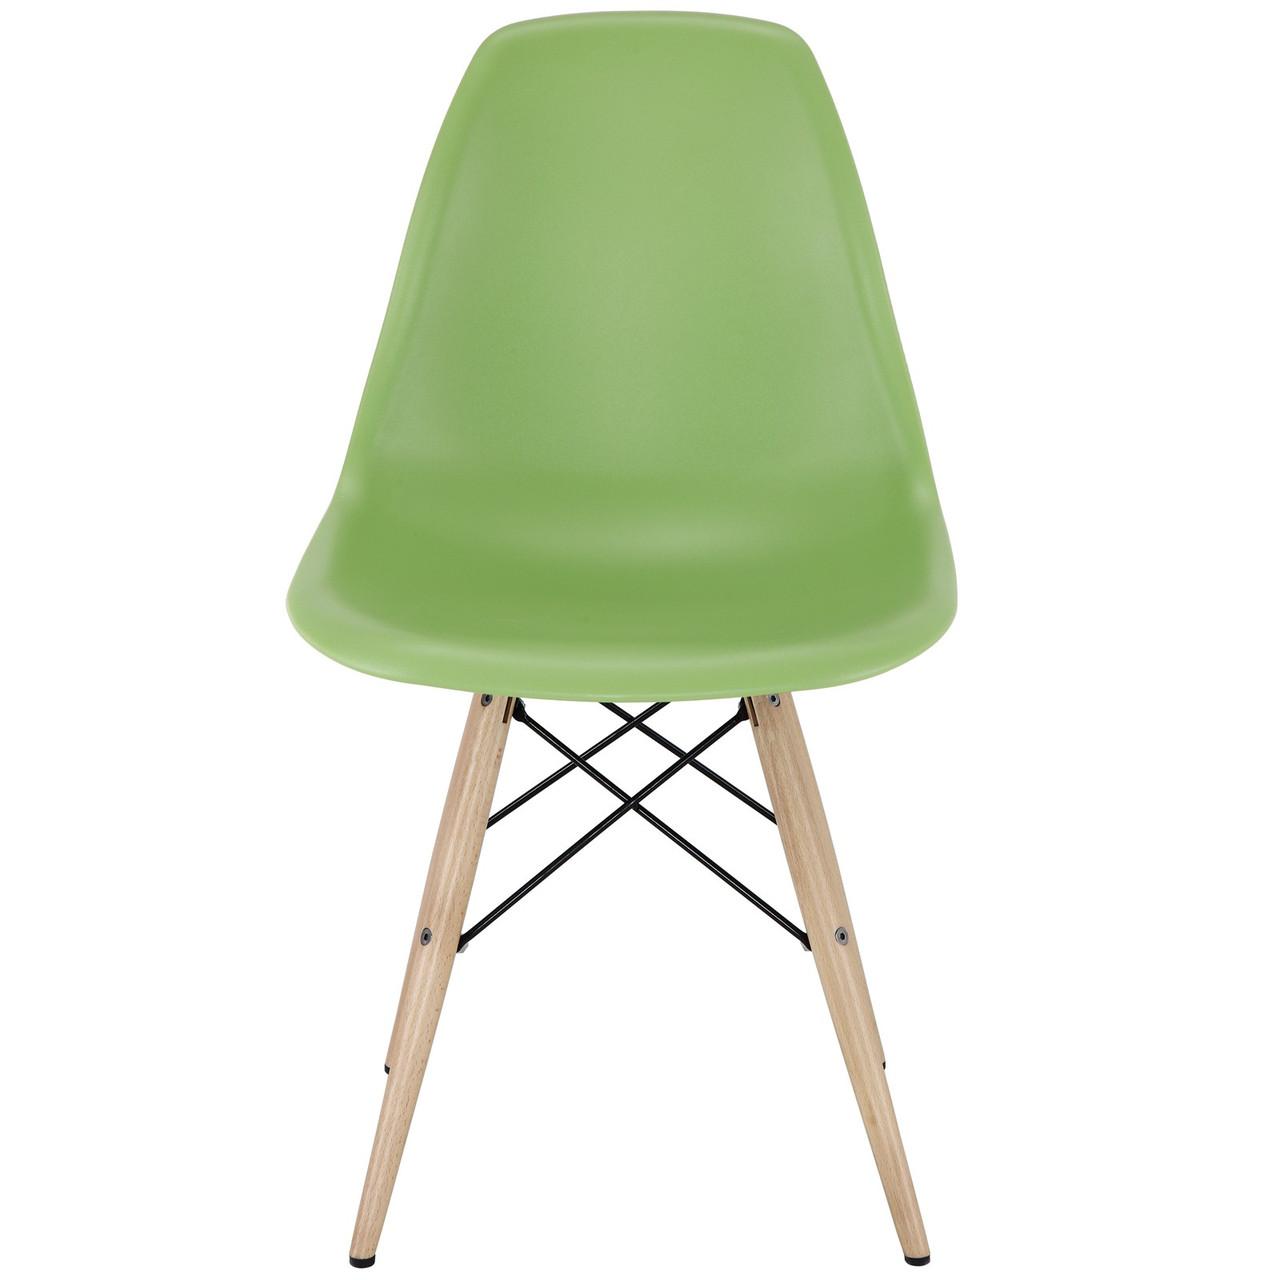 Стілець Тауер Вуд, пластиковий, ніжки дерево бук, колір зелений